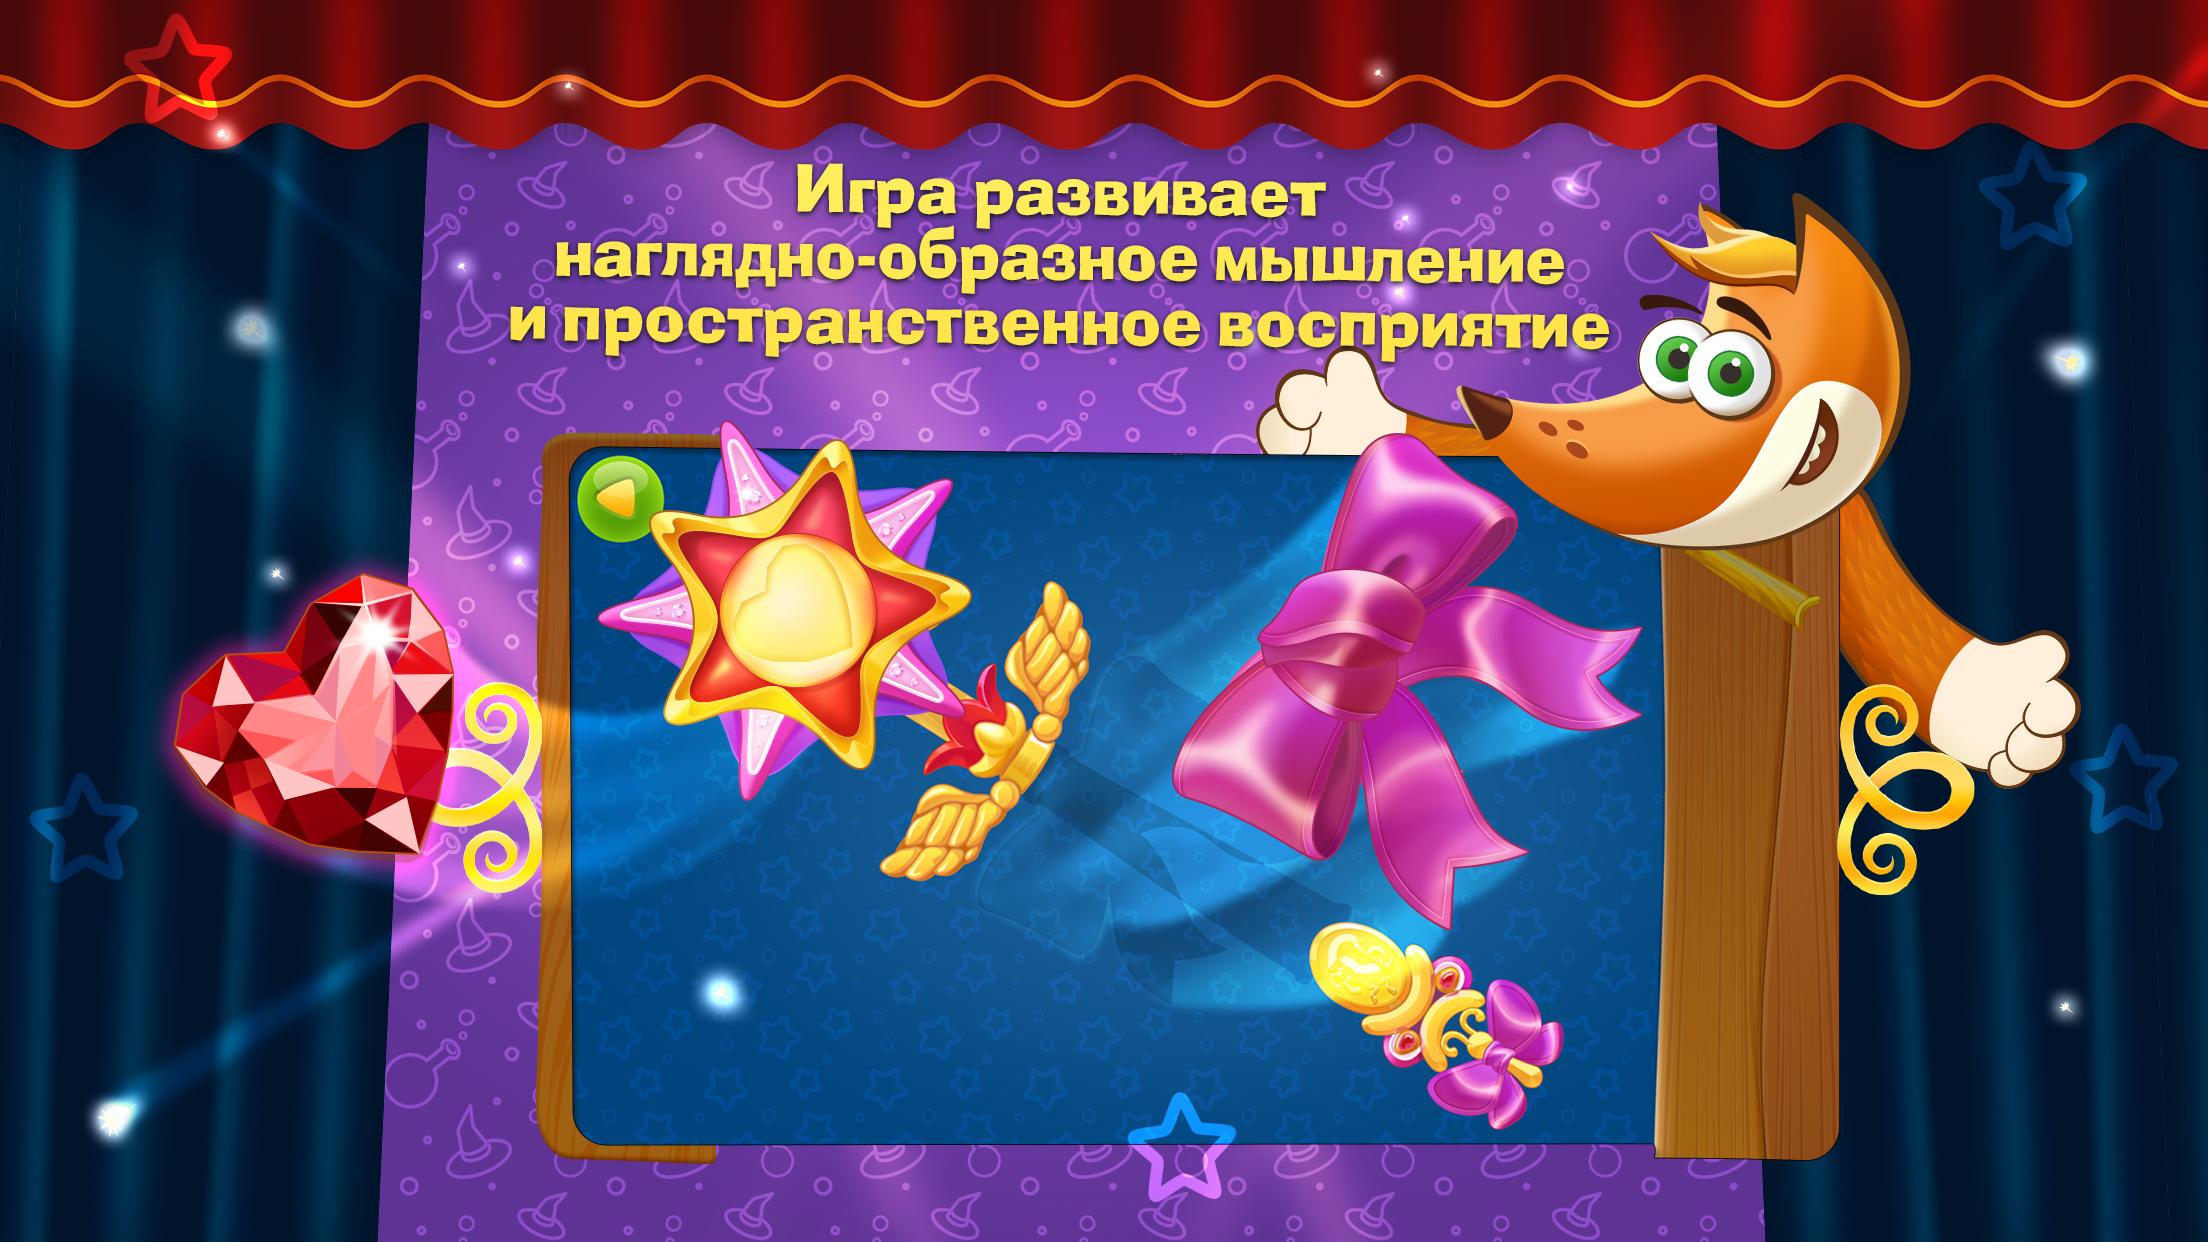 2208x1242_2_ru